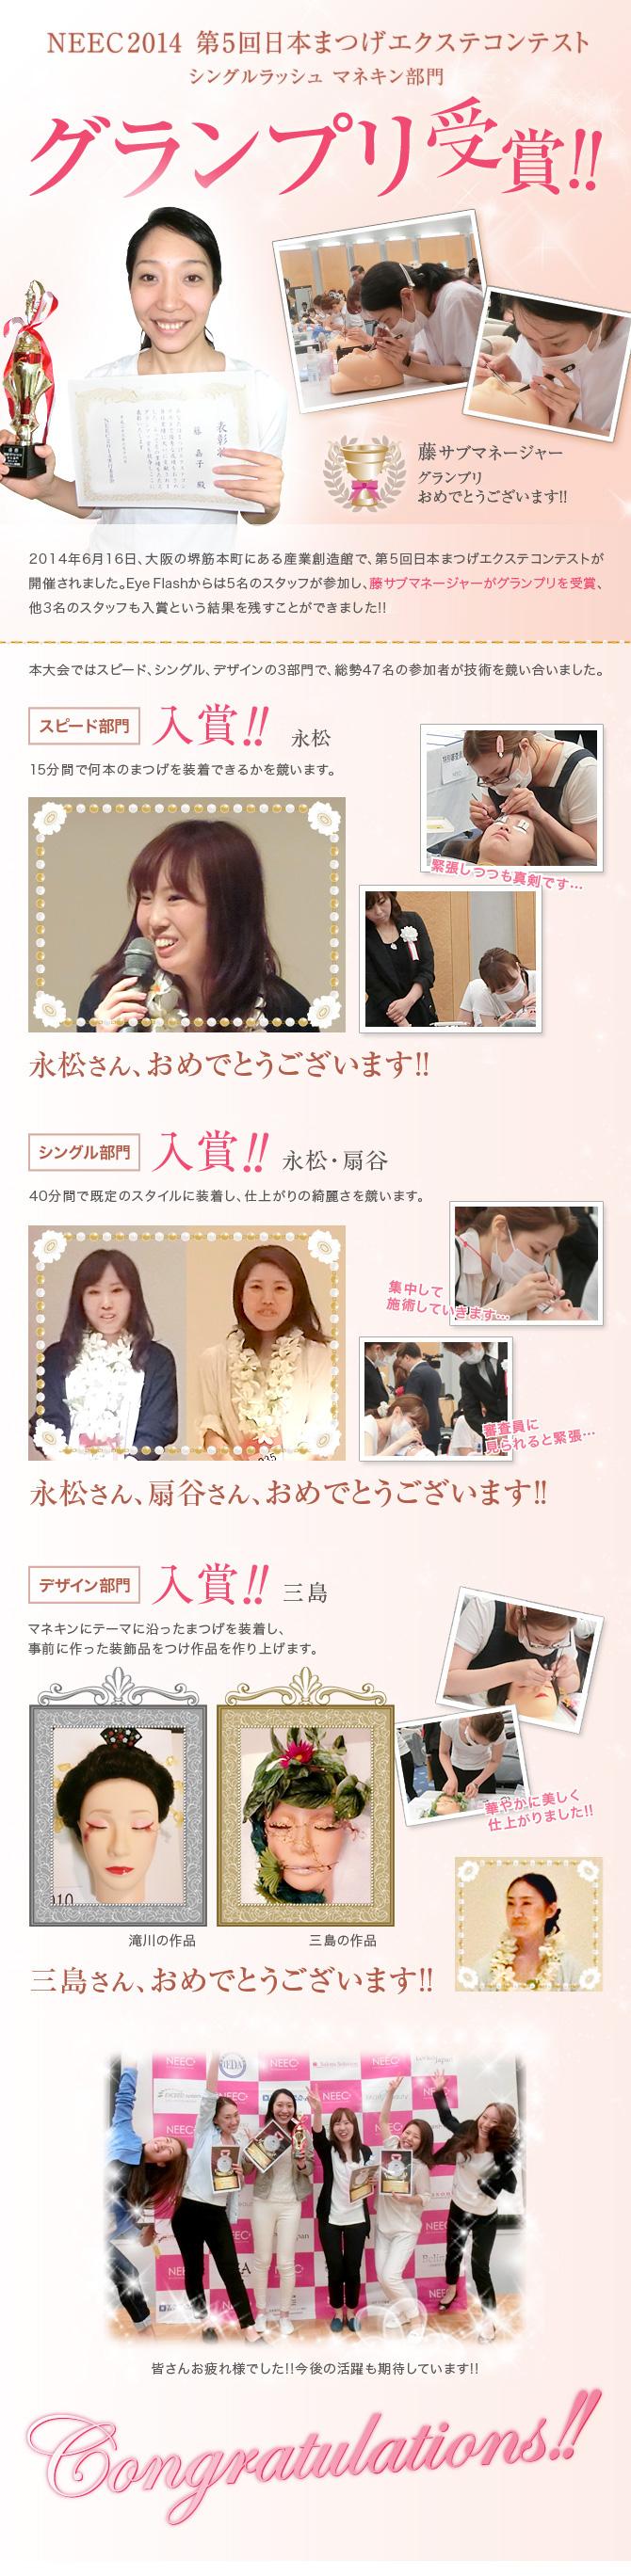 NEEC2014 第5回日本まつげエクステコンテスト